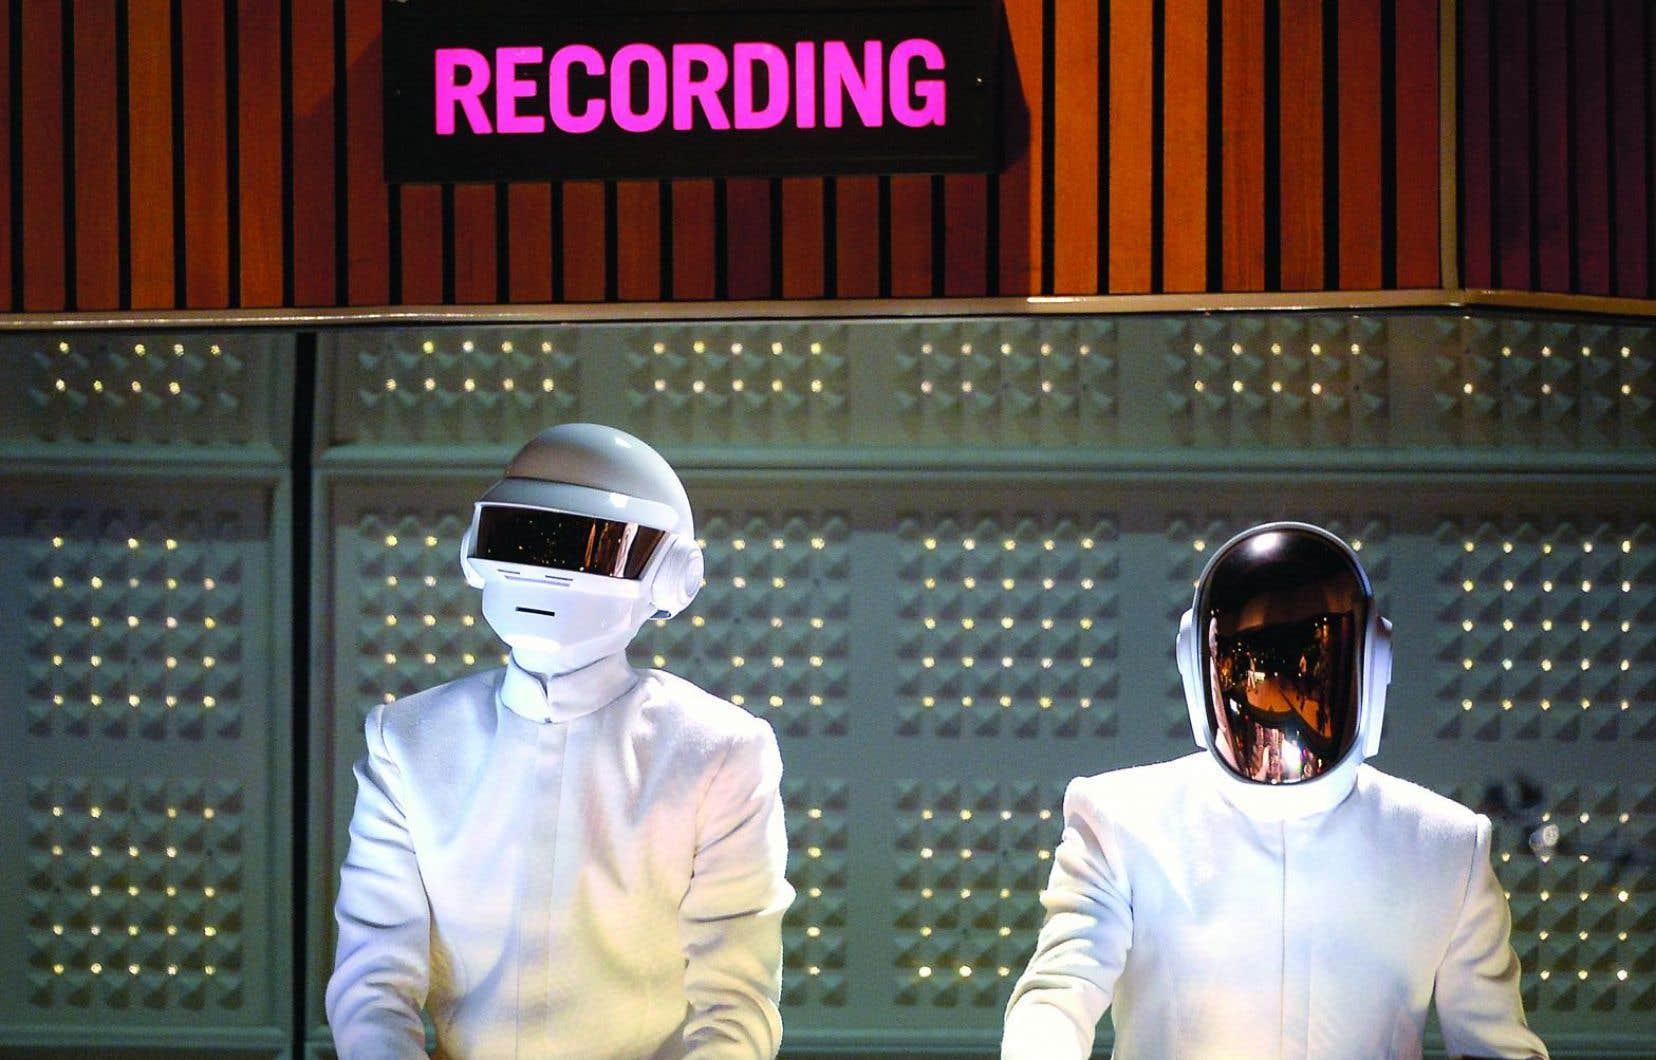 Les deux compères de Daft Punk se sont toujours cachés sous leur casque de robot, mais ils n'ont jamais tu leur identité.